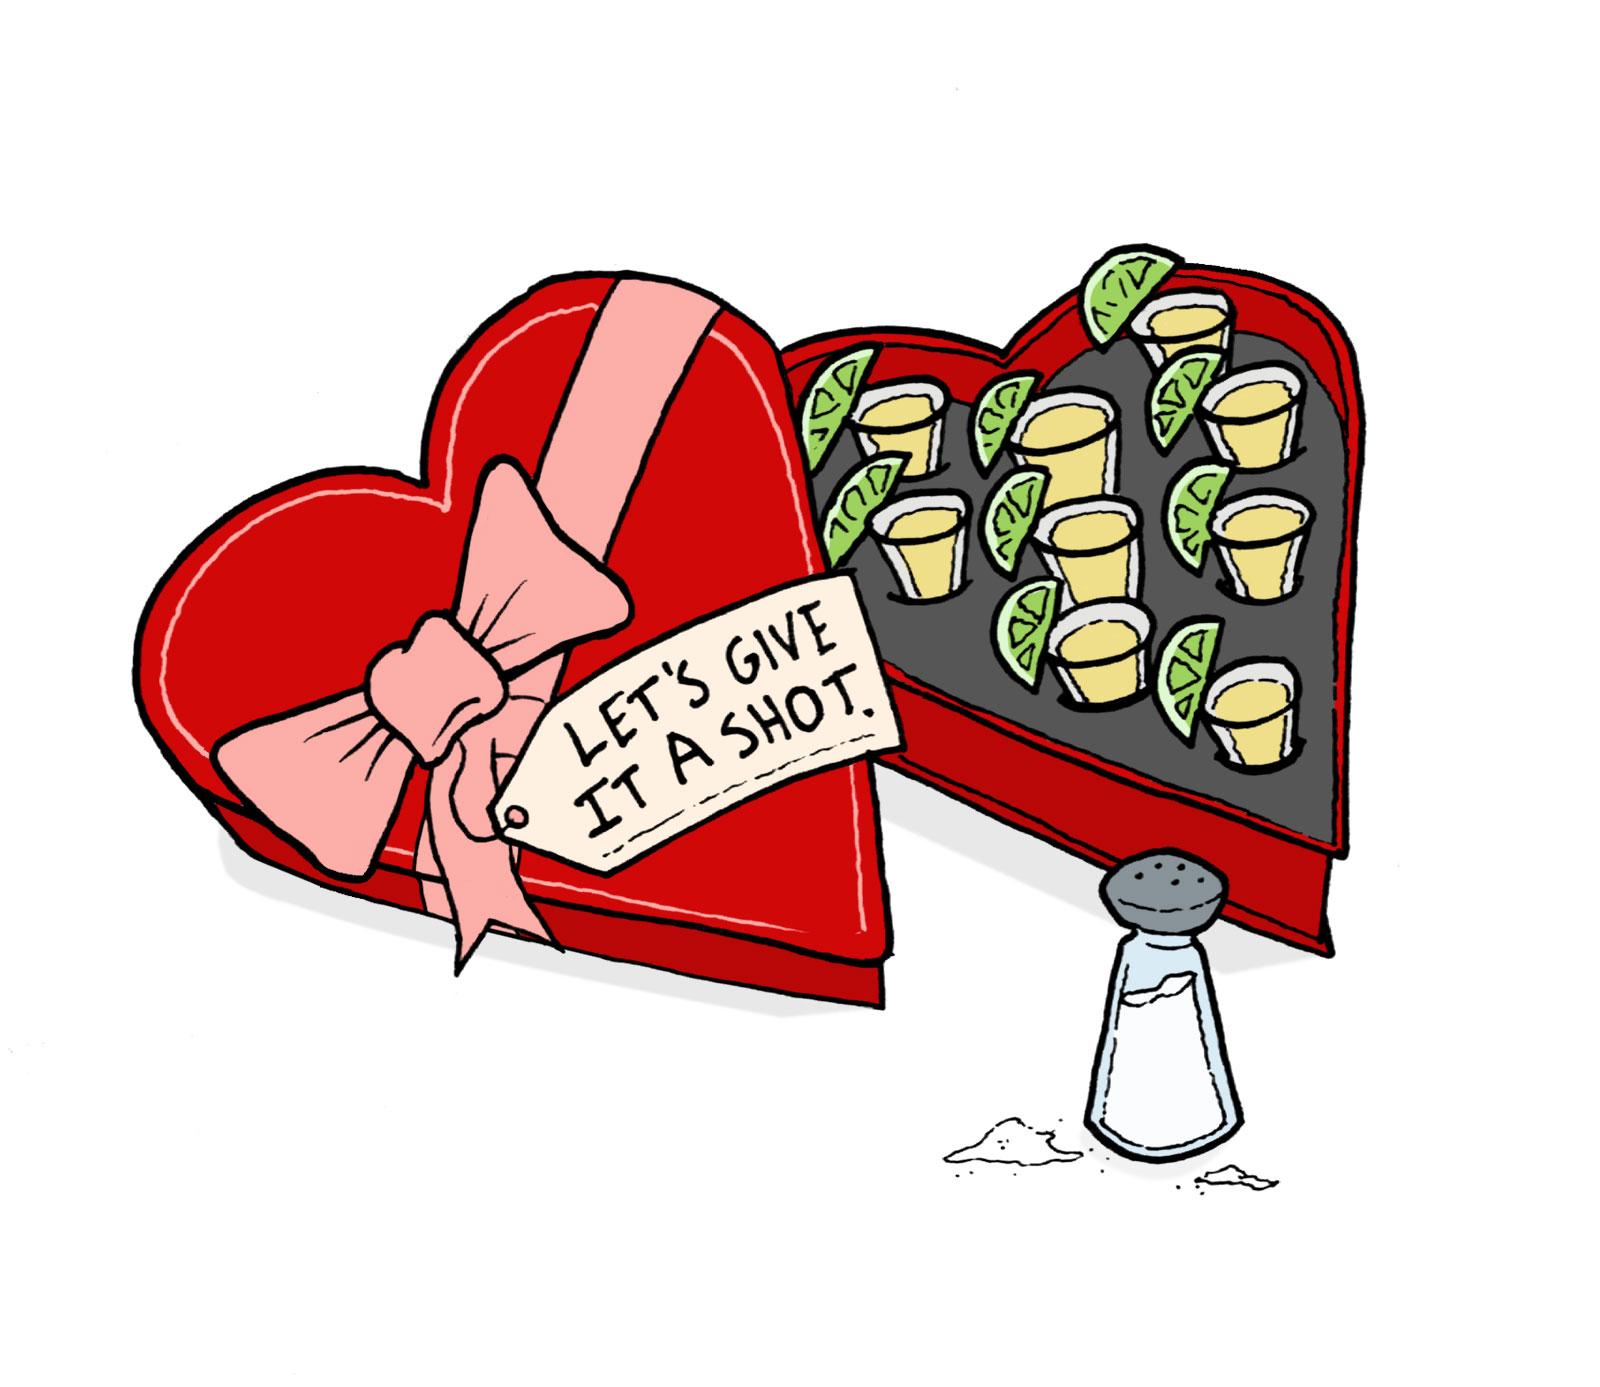 valentines_shot.jpg